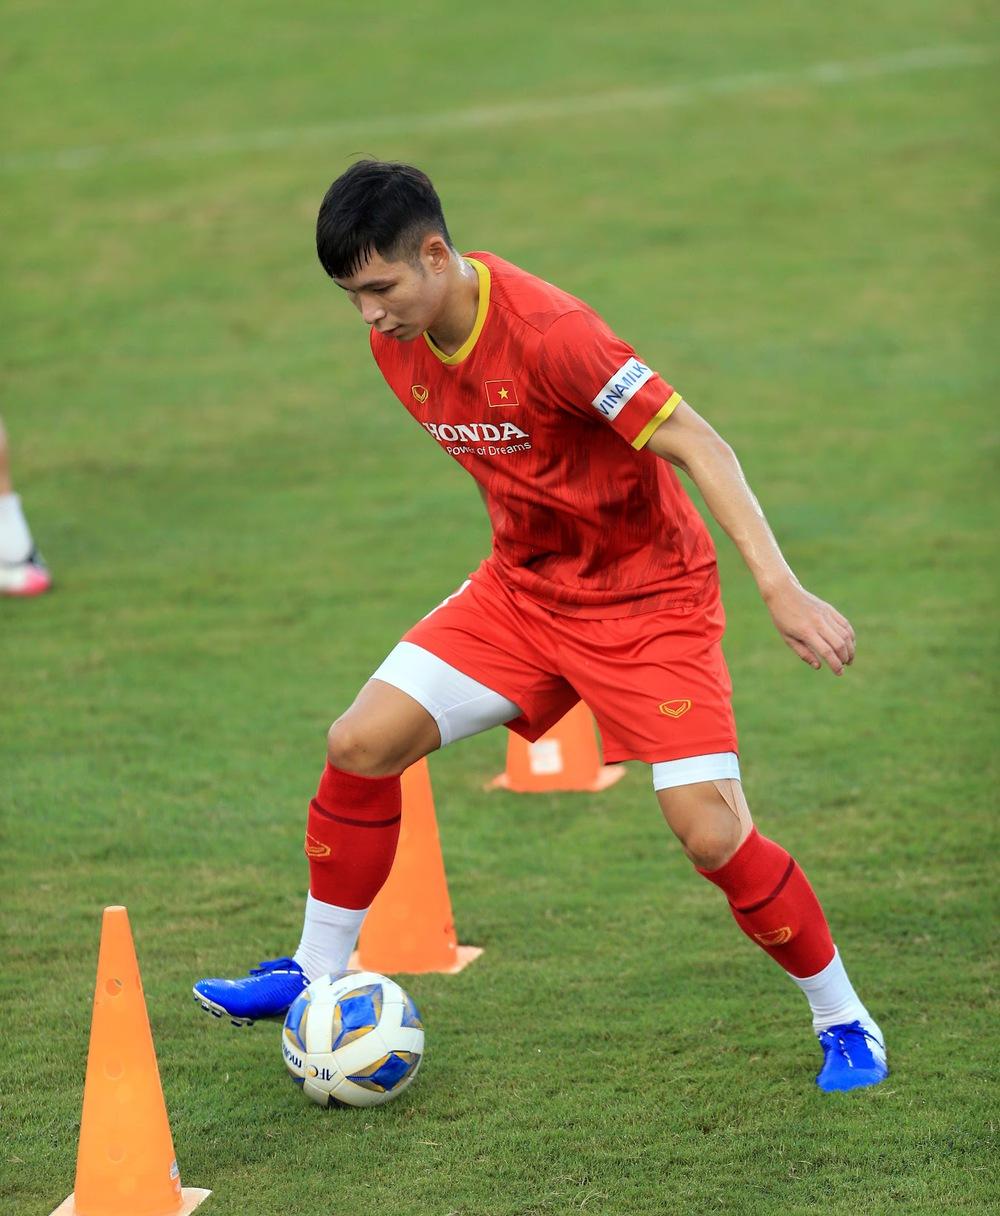 Thêm một cầu thủ U22 được bổ sung lên đội tuyển Việt Nam cho chiến dịch Vòng loại World Cup 2022 - Ảnh 3.